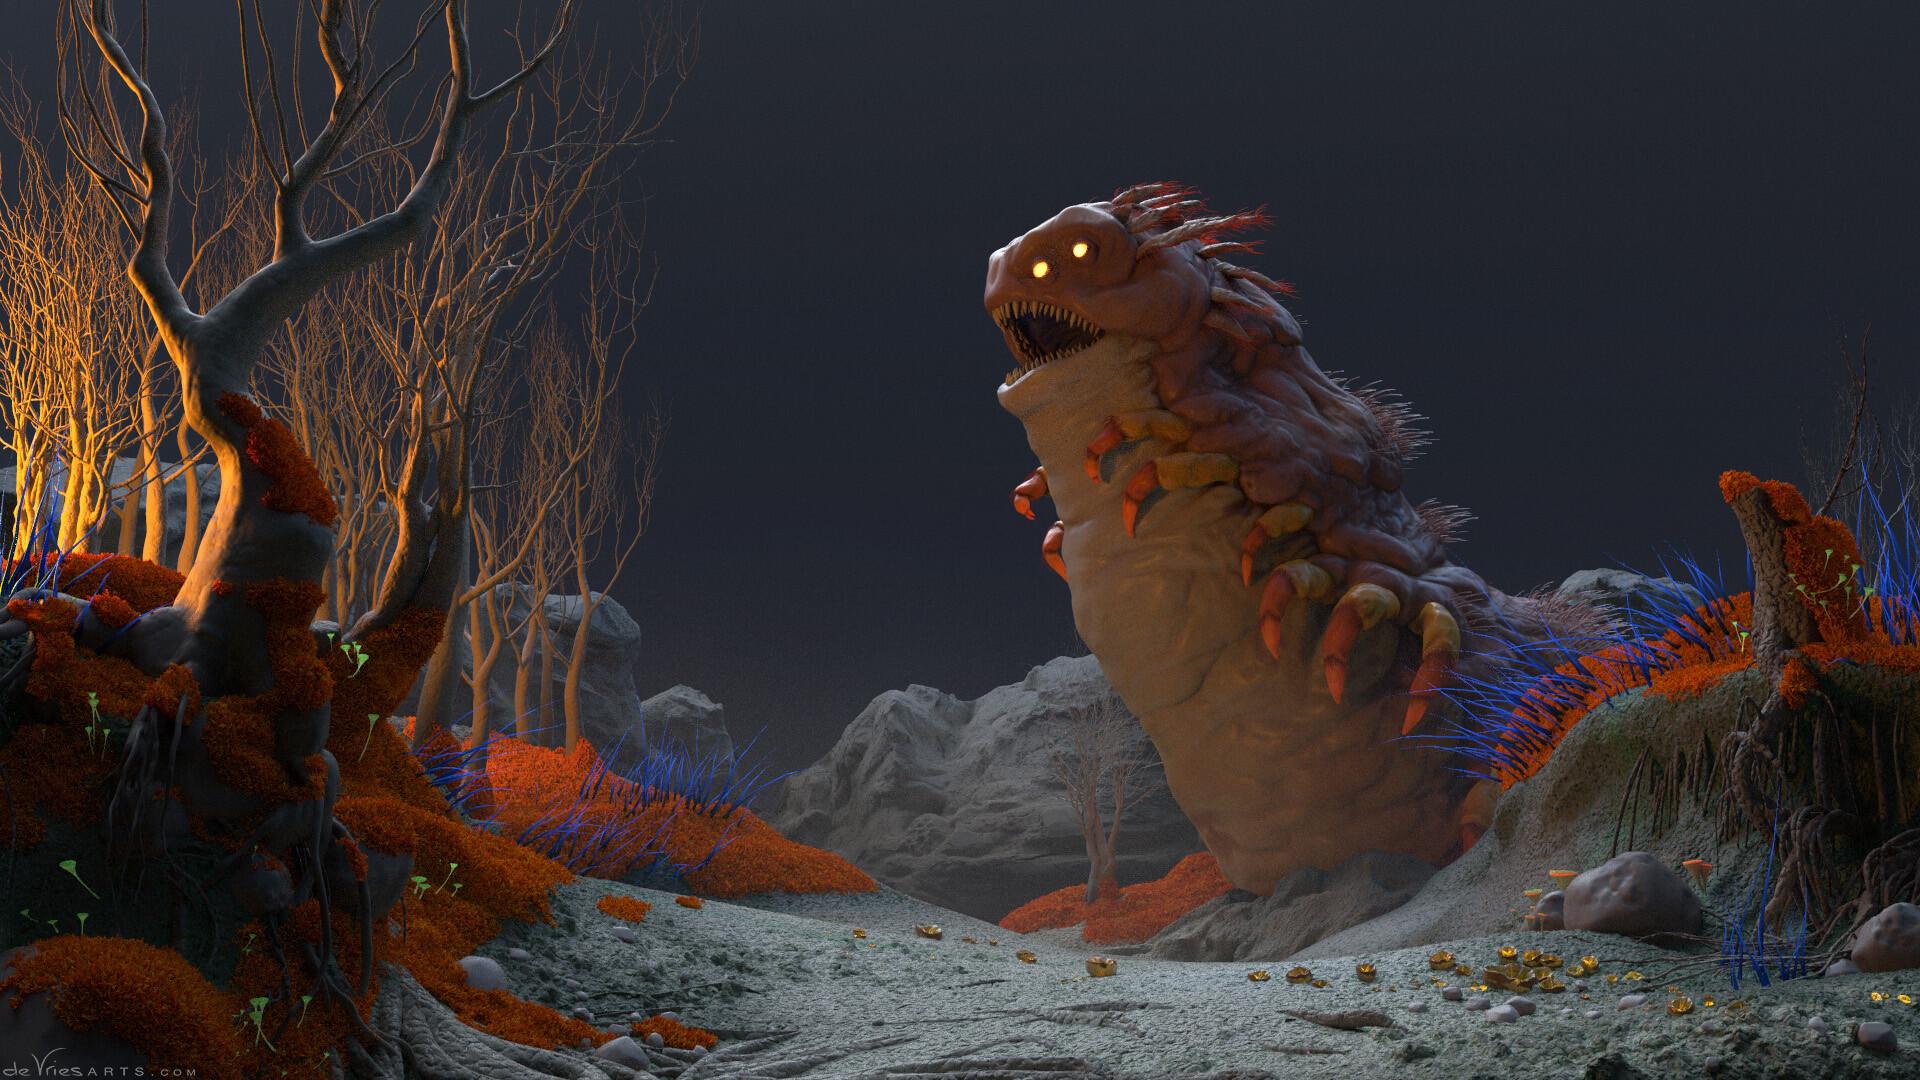 Thijs de vries 06b worm thijsdevries devriesarts